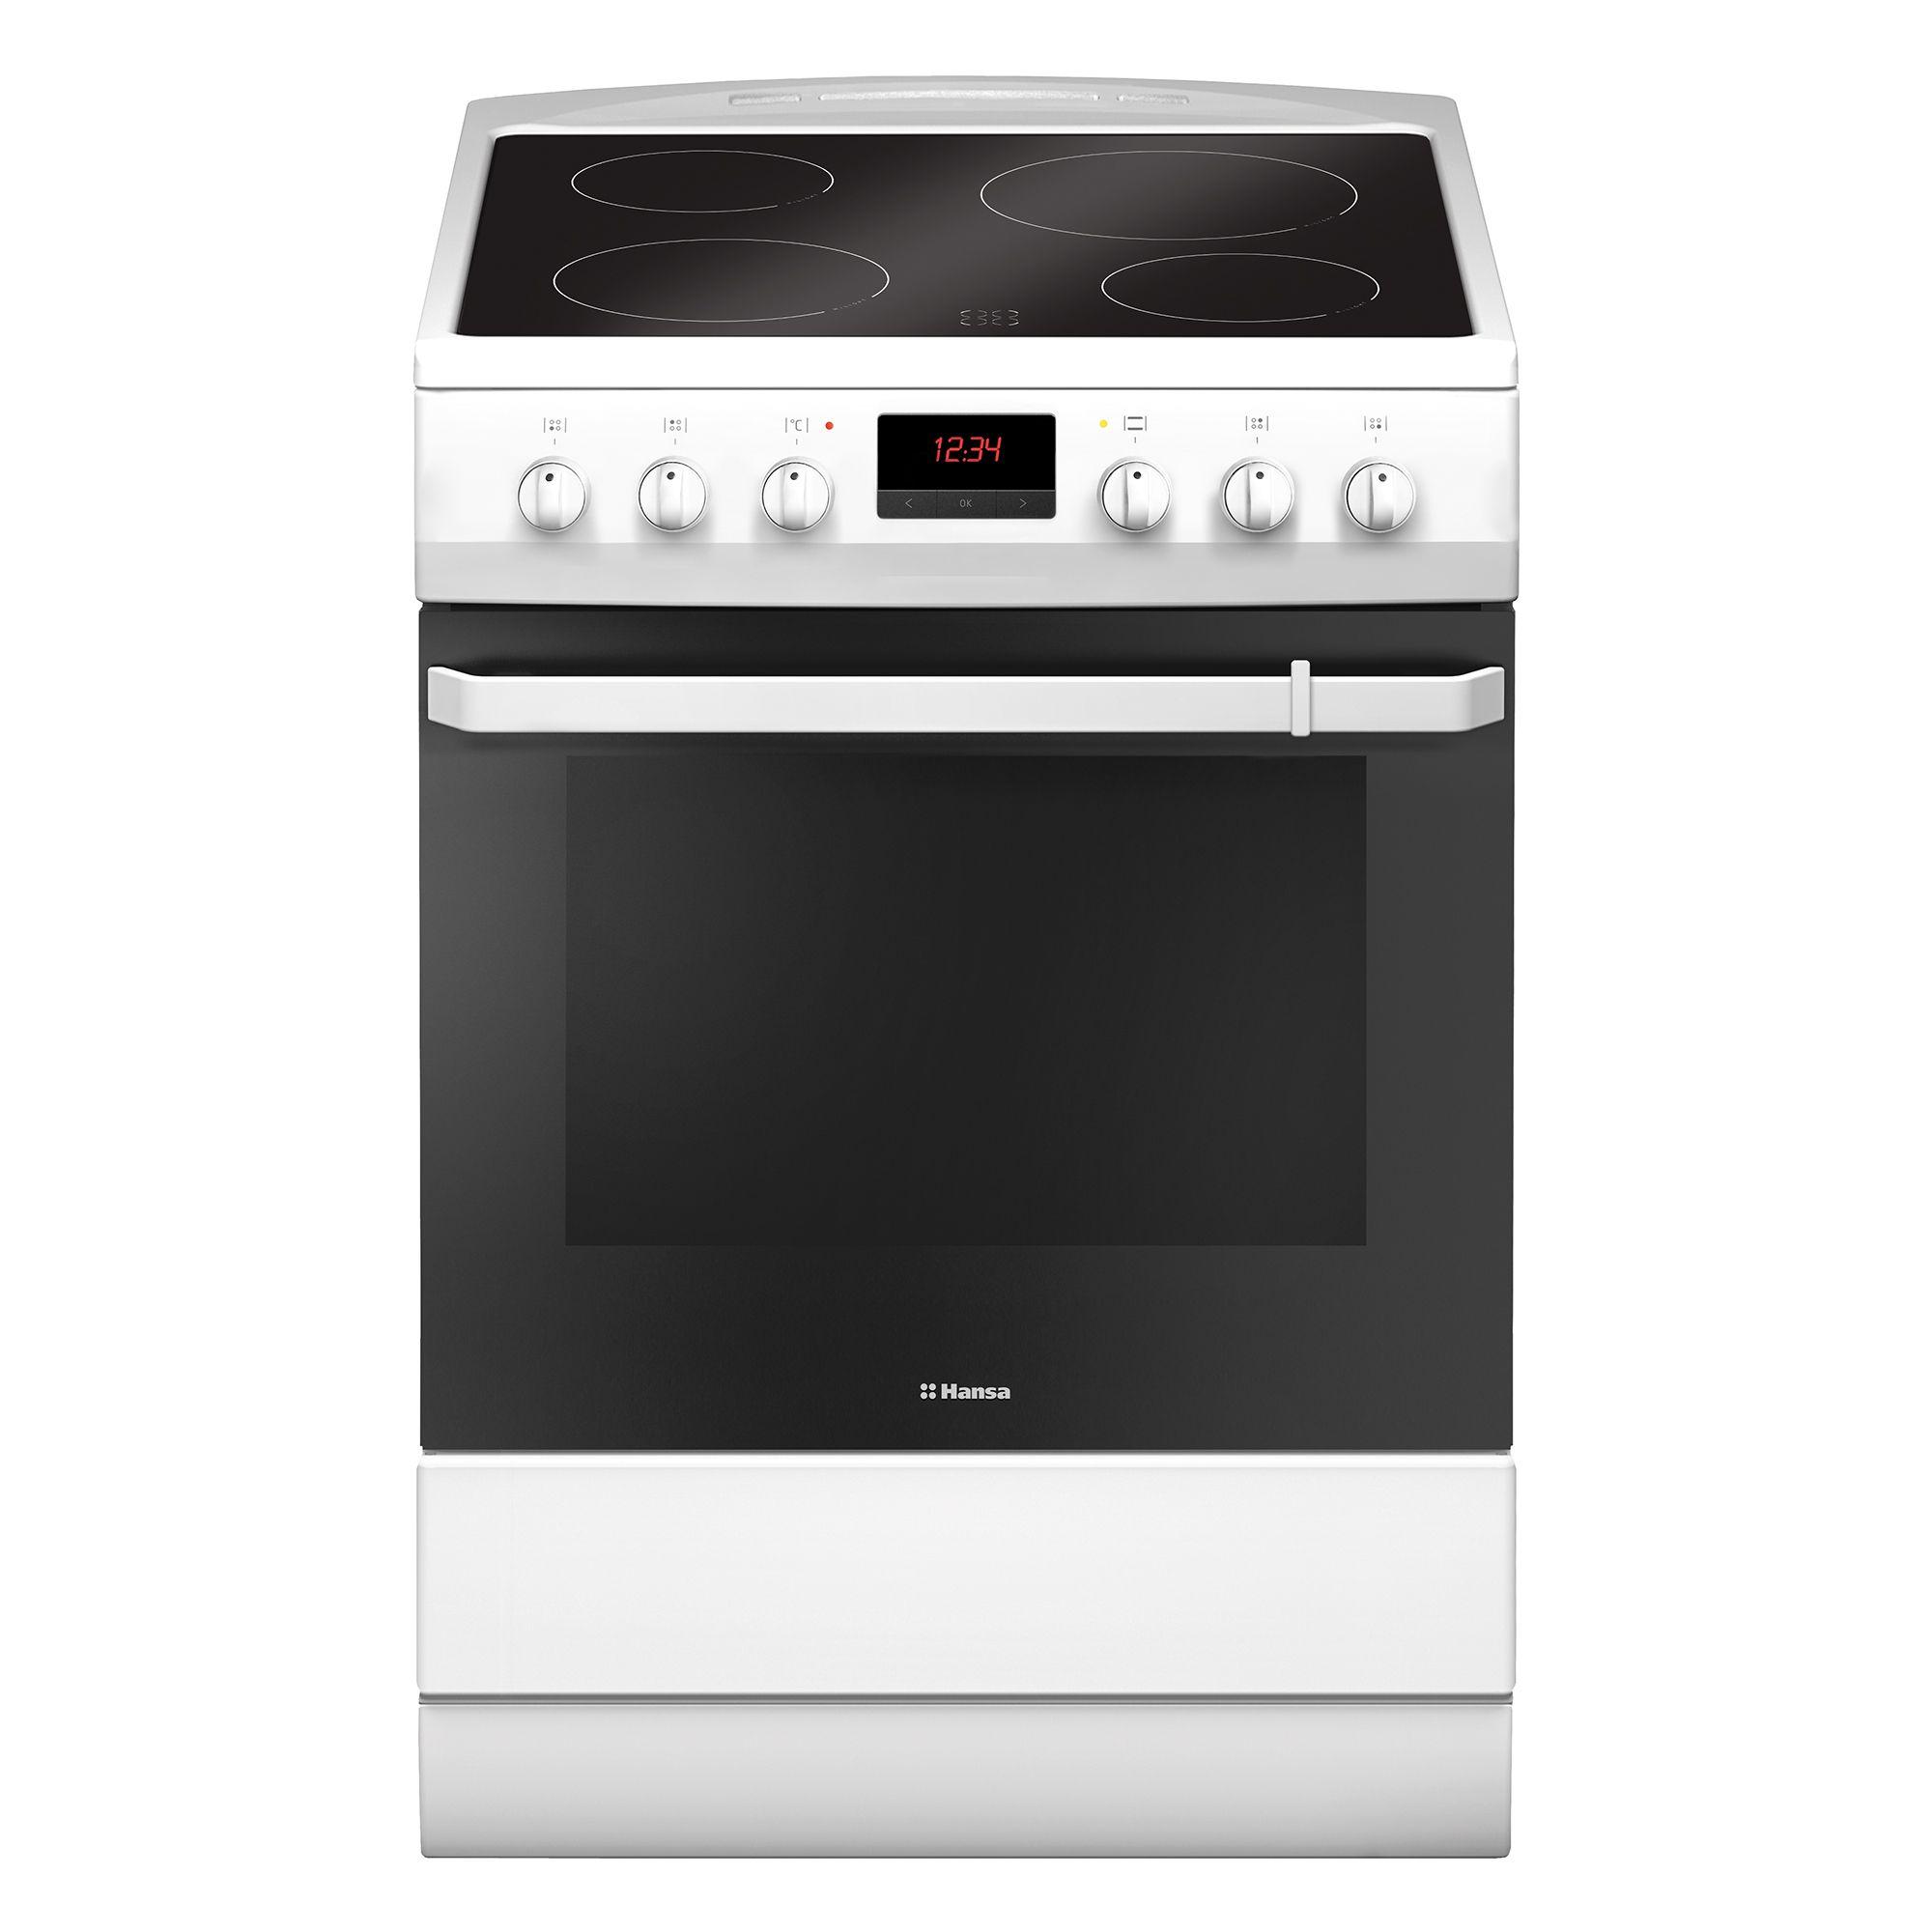 Електрическа готварска печка Hansa FCCW69209, 4 Нагревателни зони, Функция грил, Клас A, Бяла